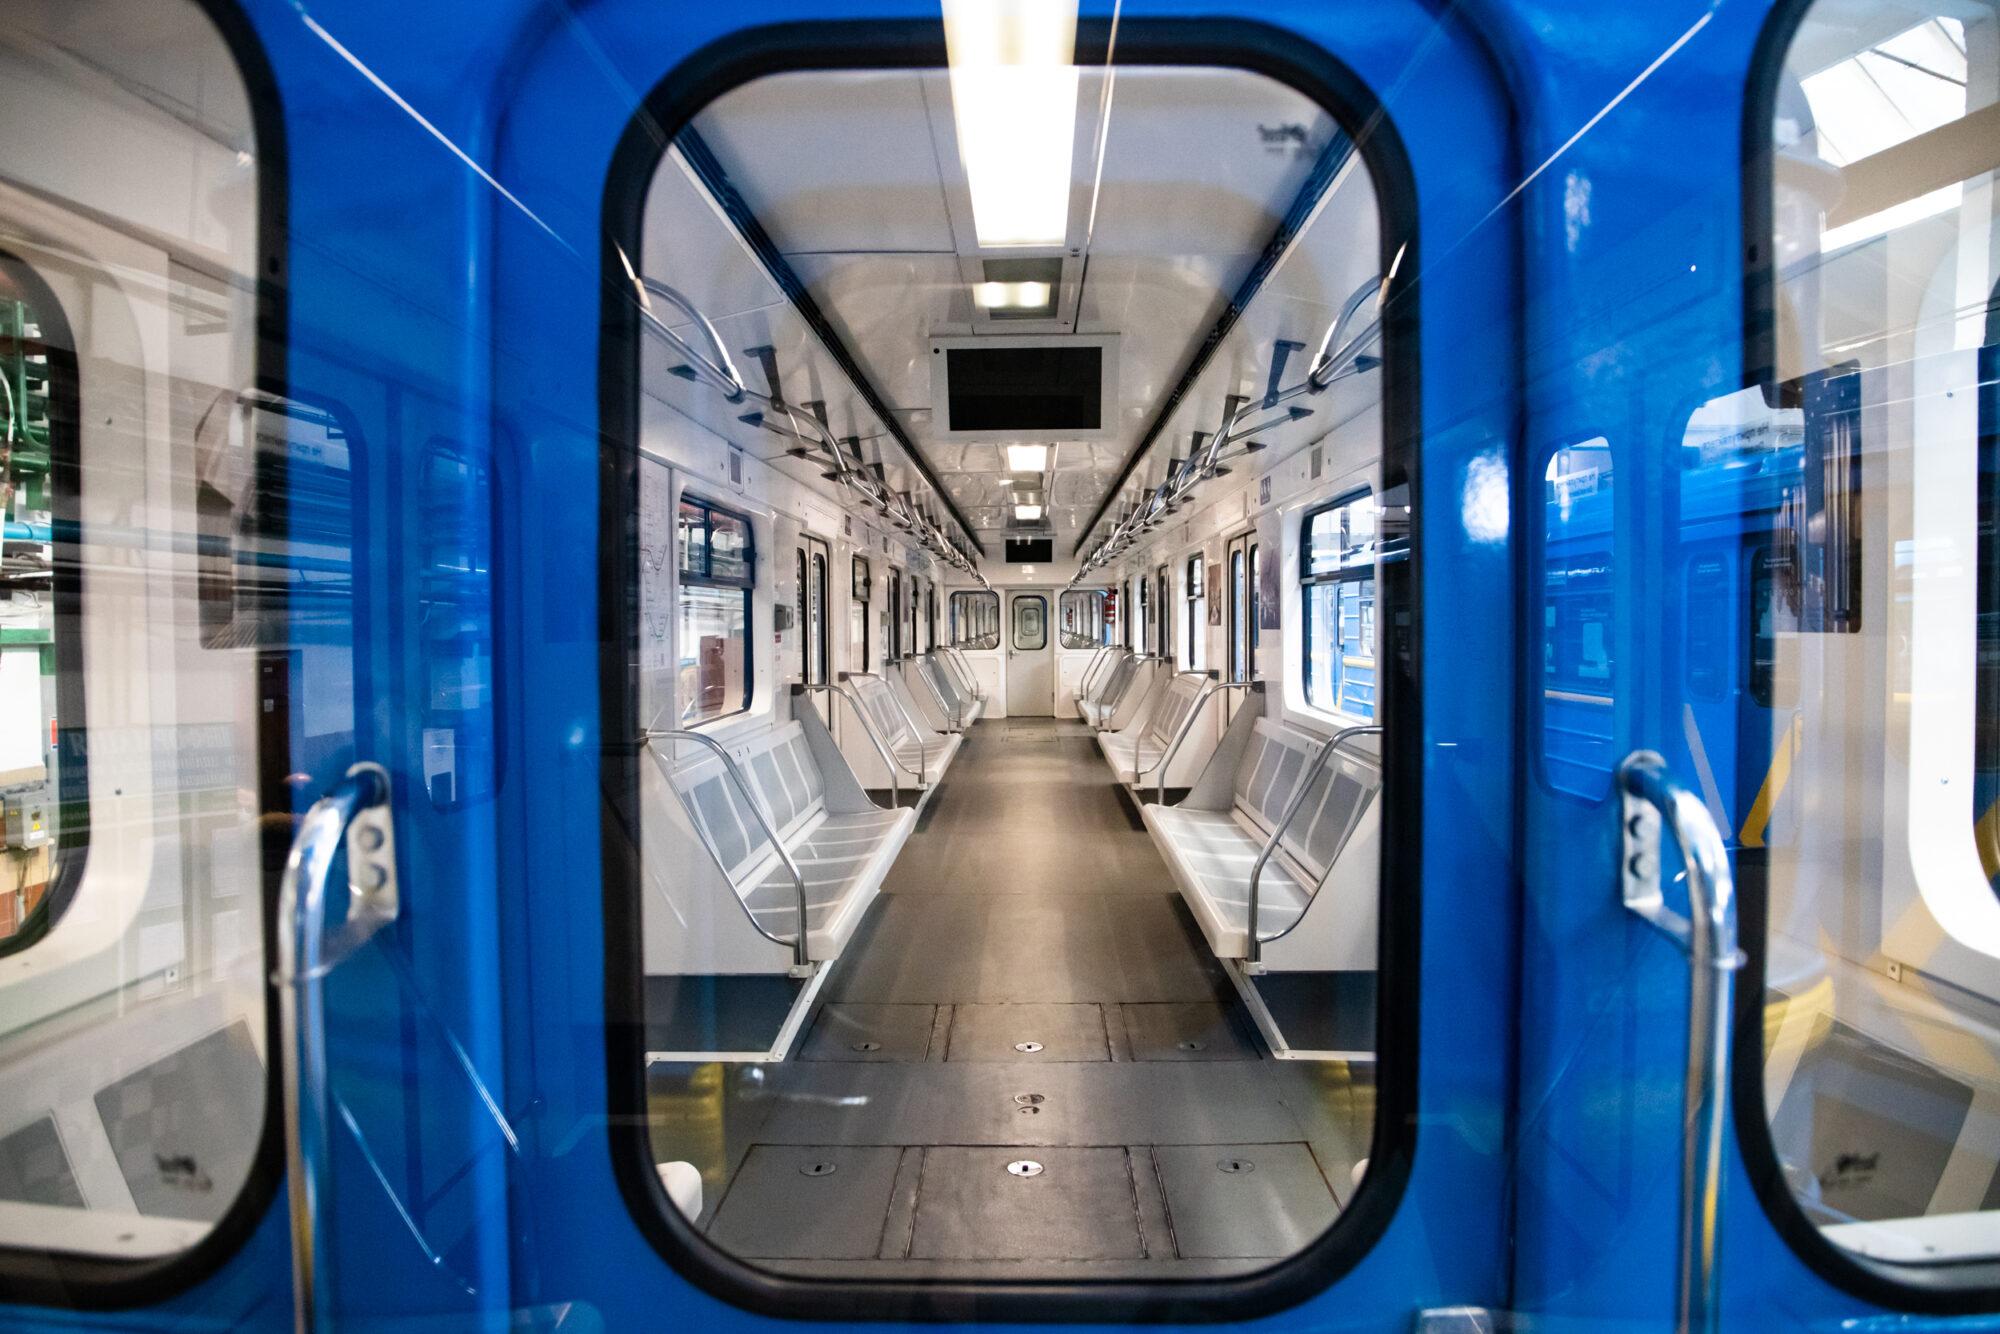 Київський метрополітен відремонтував 5 вагонів за 35 млн грн - Ремонт, метрополітен, вагони - imgbig 6 1 2000x1334